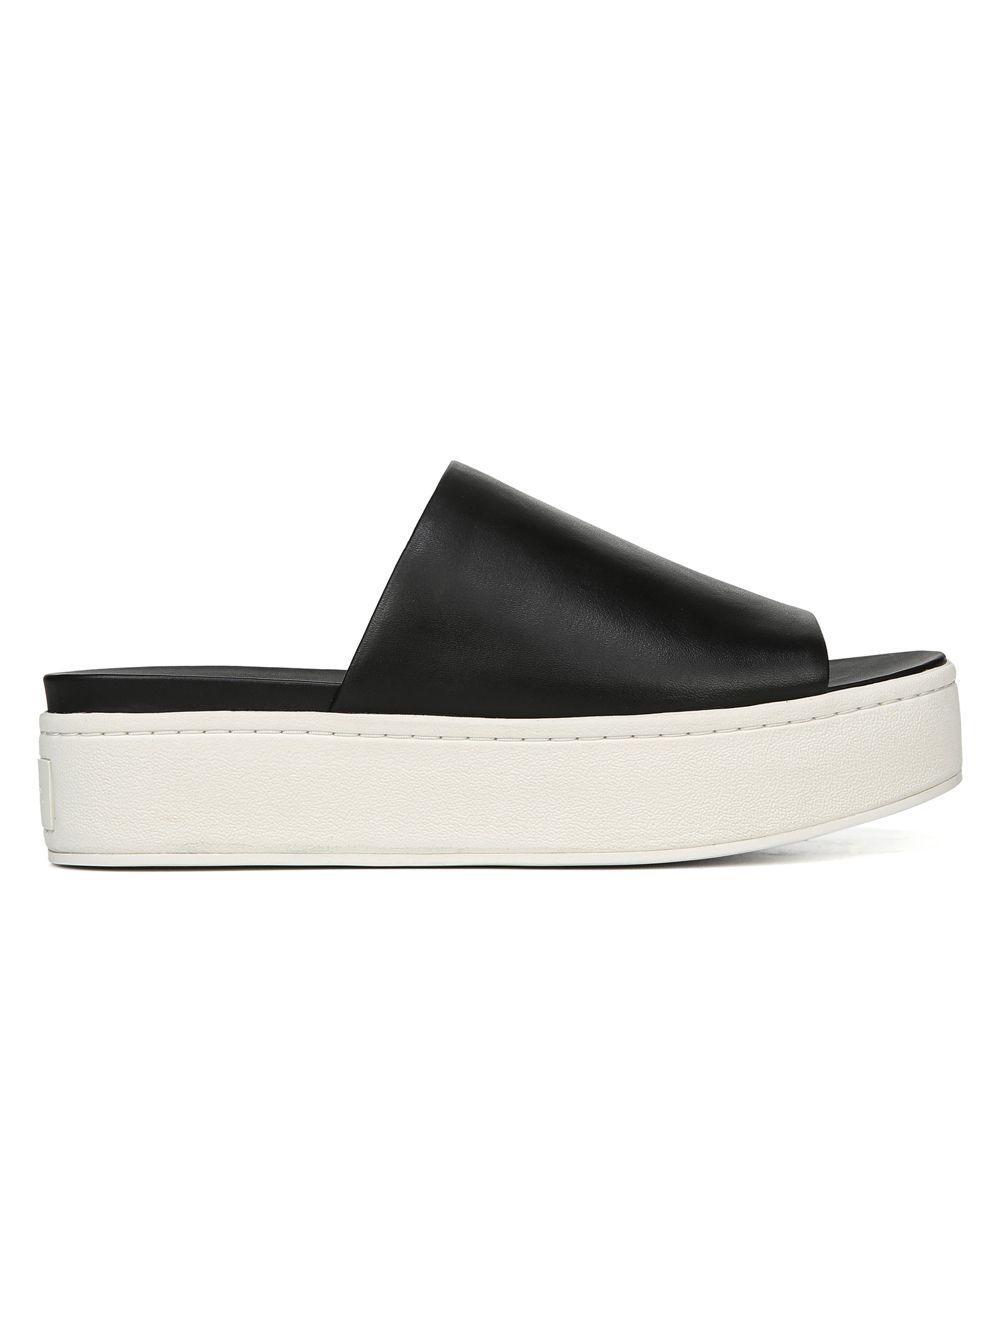 57731fba984 Lyst - Vince Walford Leather Platform Slides in Black